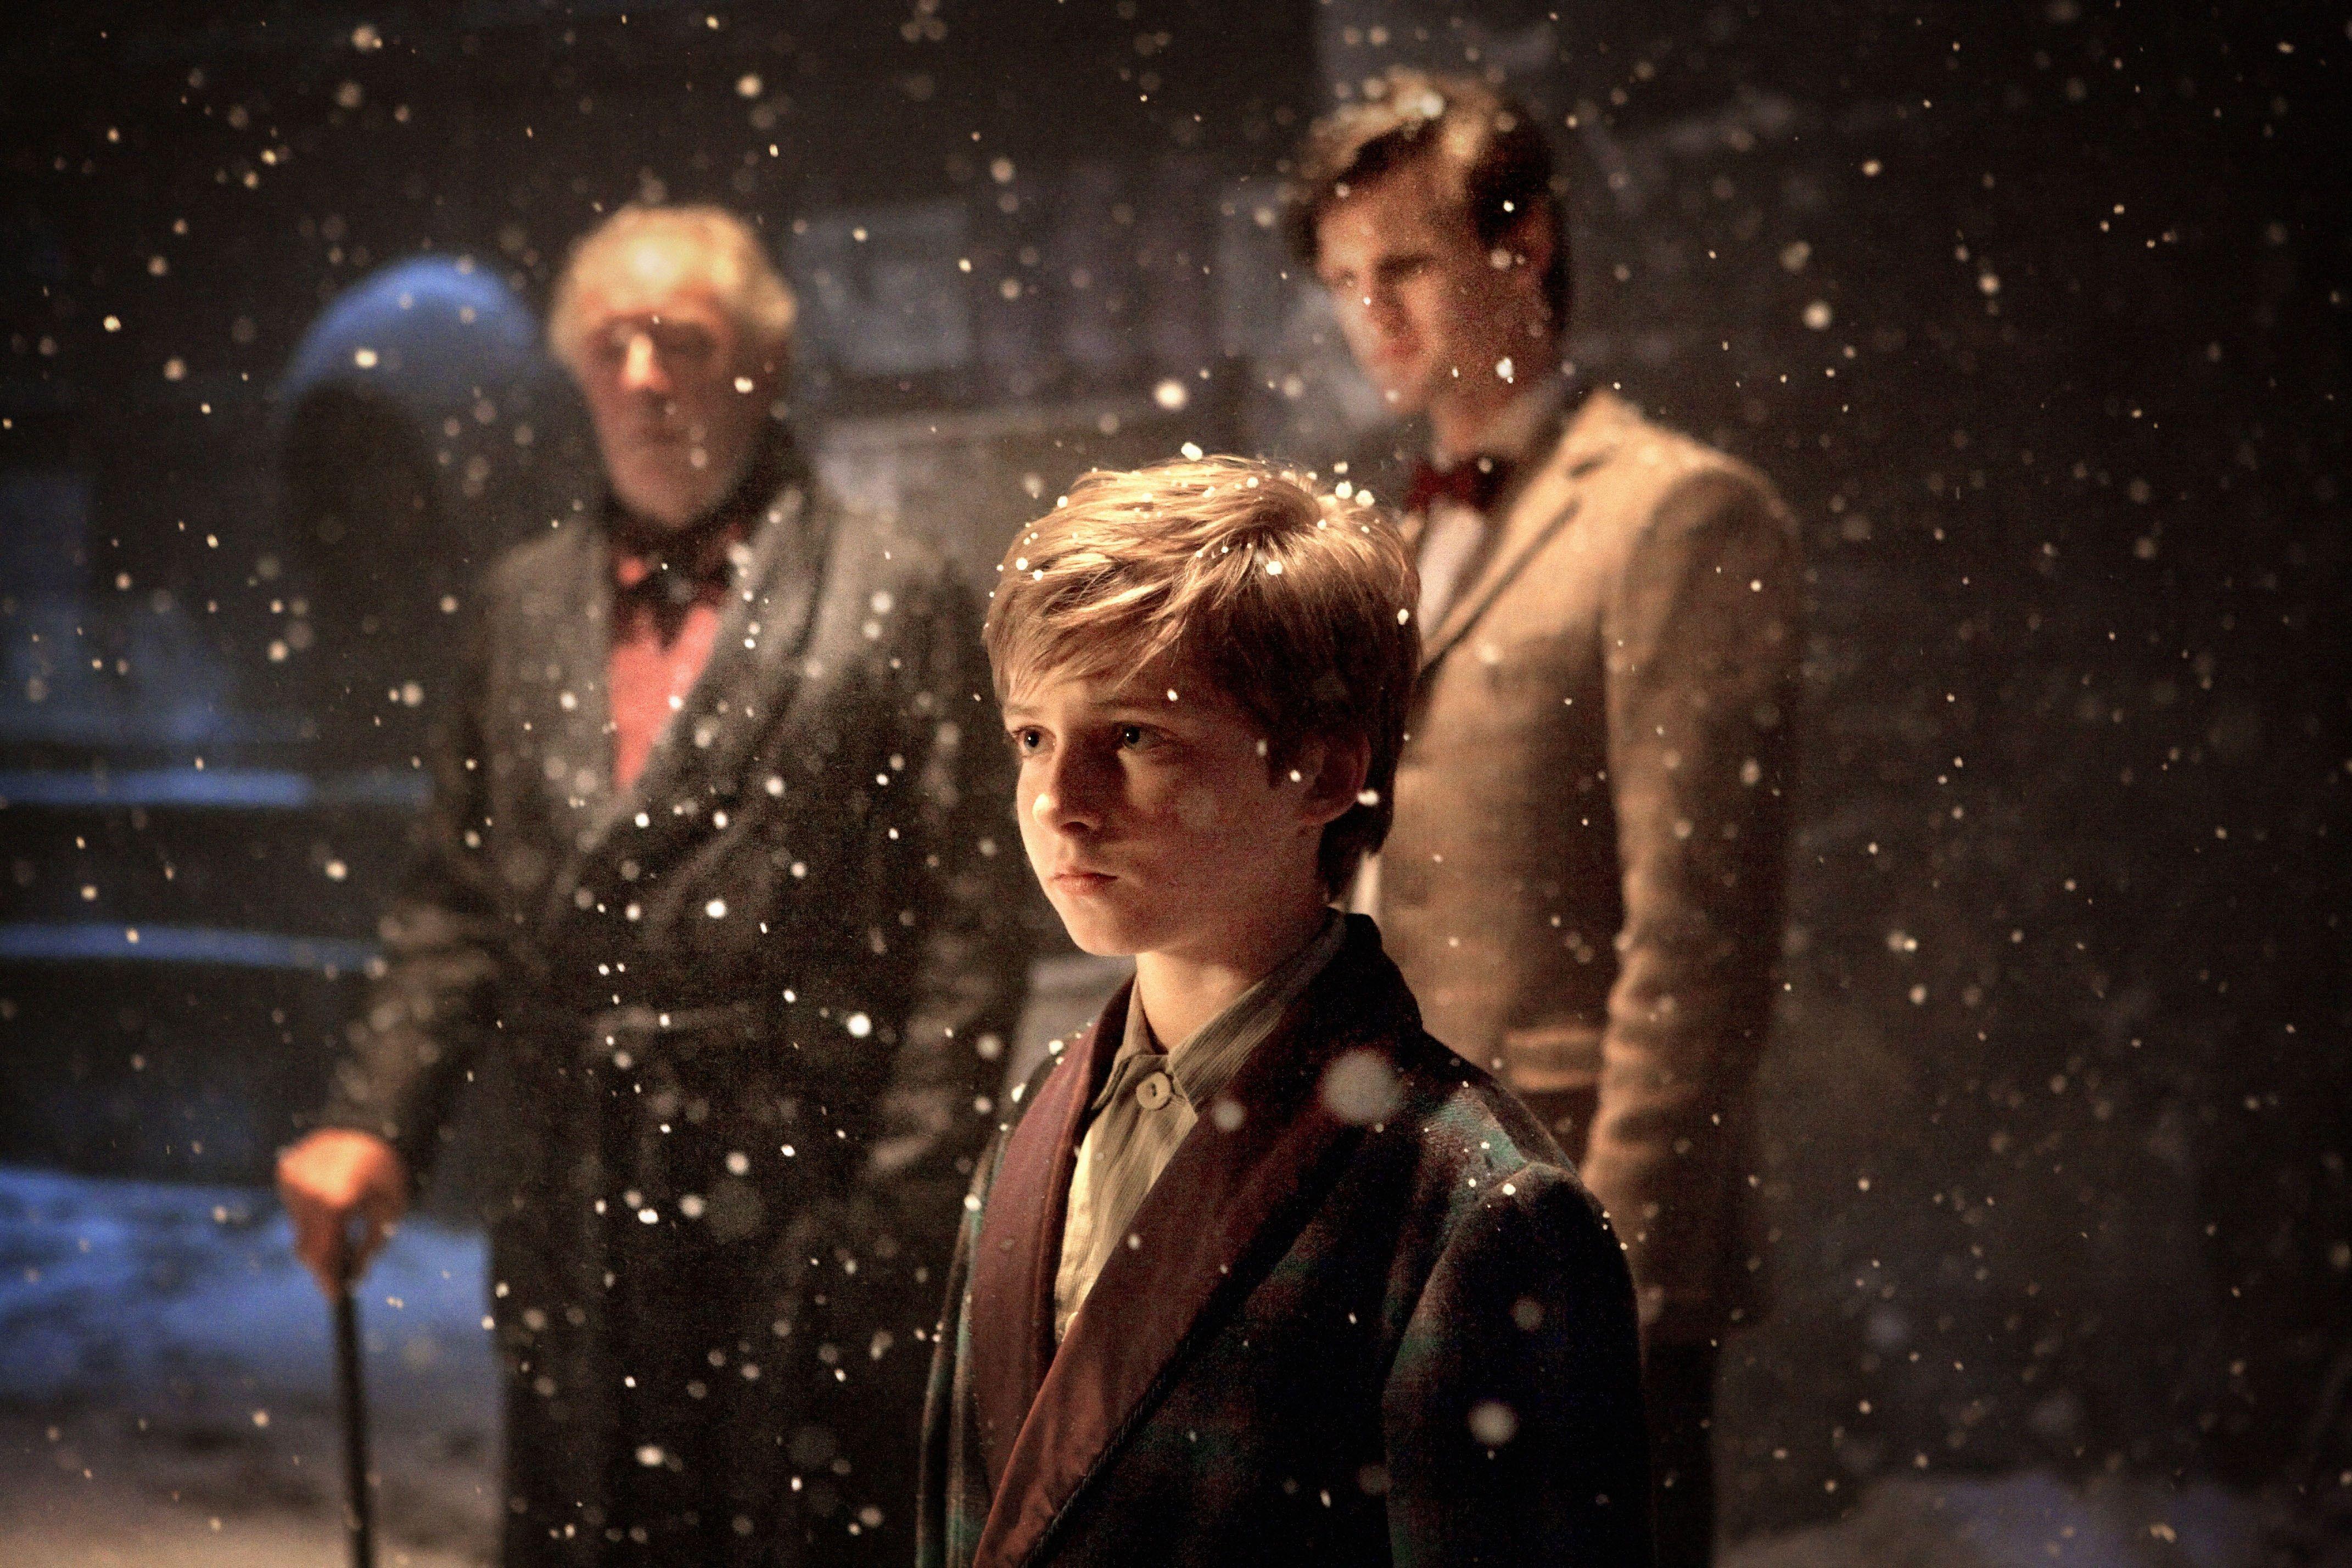 Doctor Who 6x00 - A Christmas Carol | Doctor who christmas, Doctor who tv, Doctor who specials